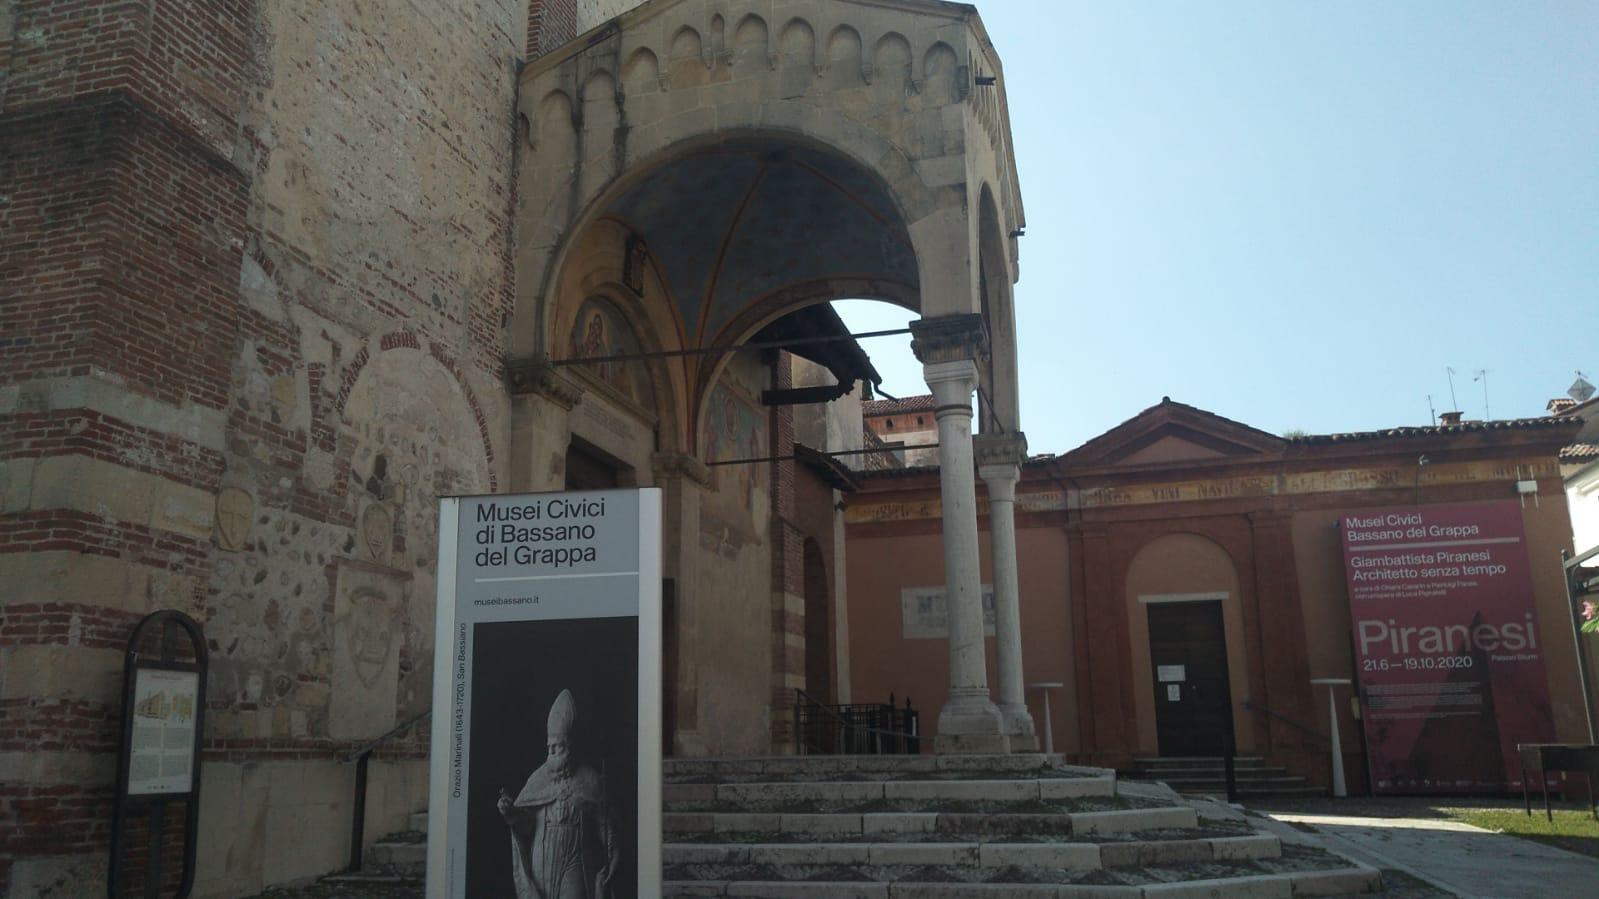 Musei Civici Bassano del Grappa